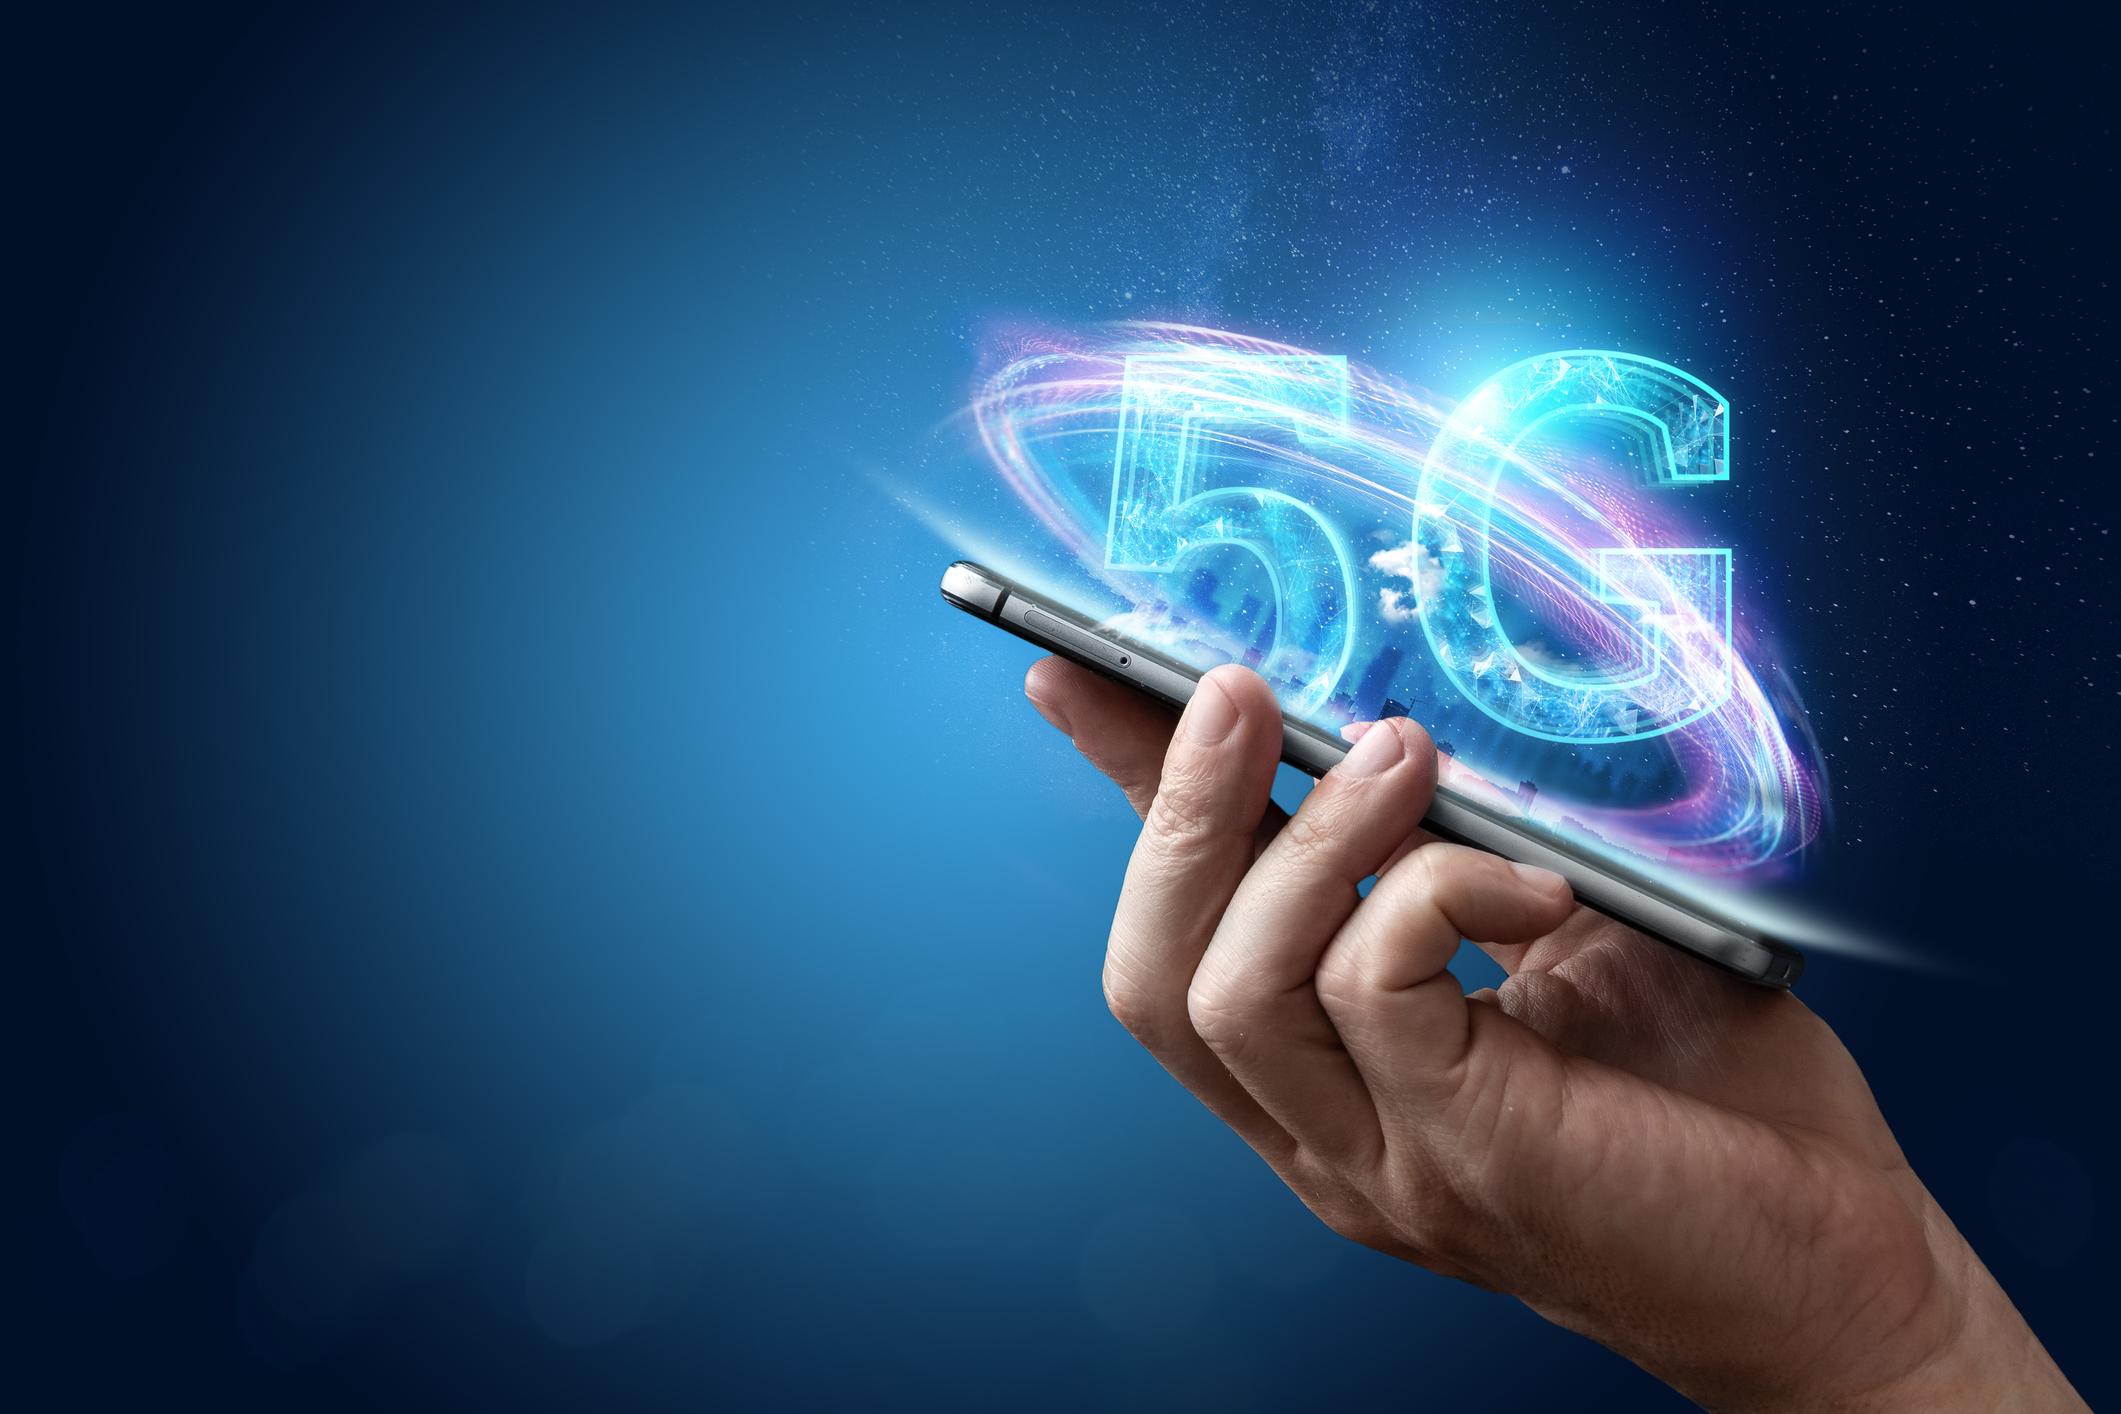 Nokia lansează 5G în Franța și Italia dezvoltând IoT în Argentina